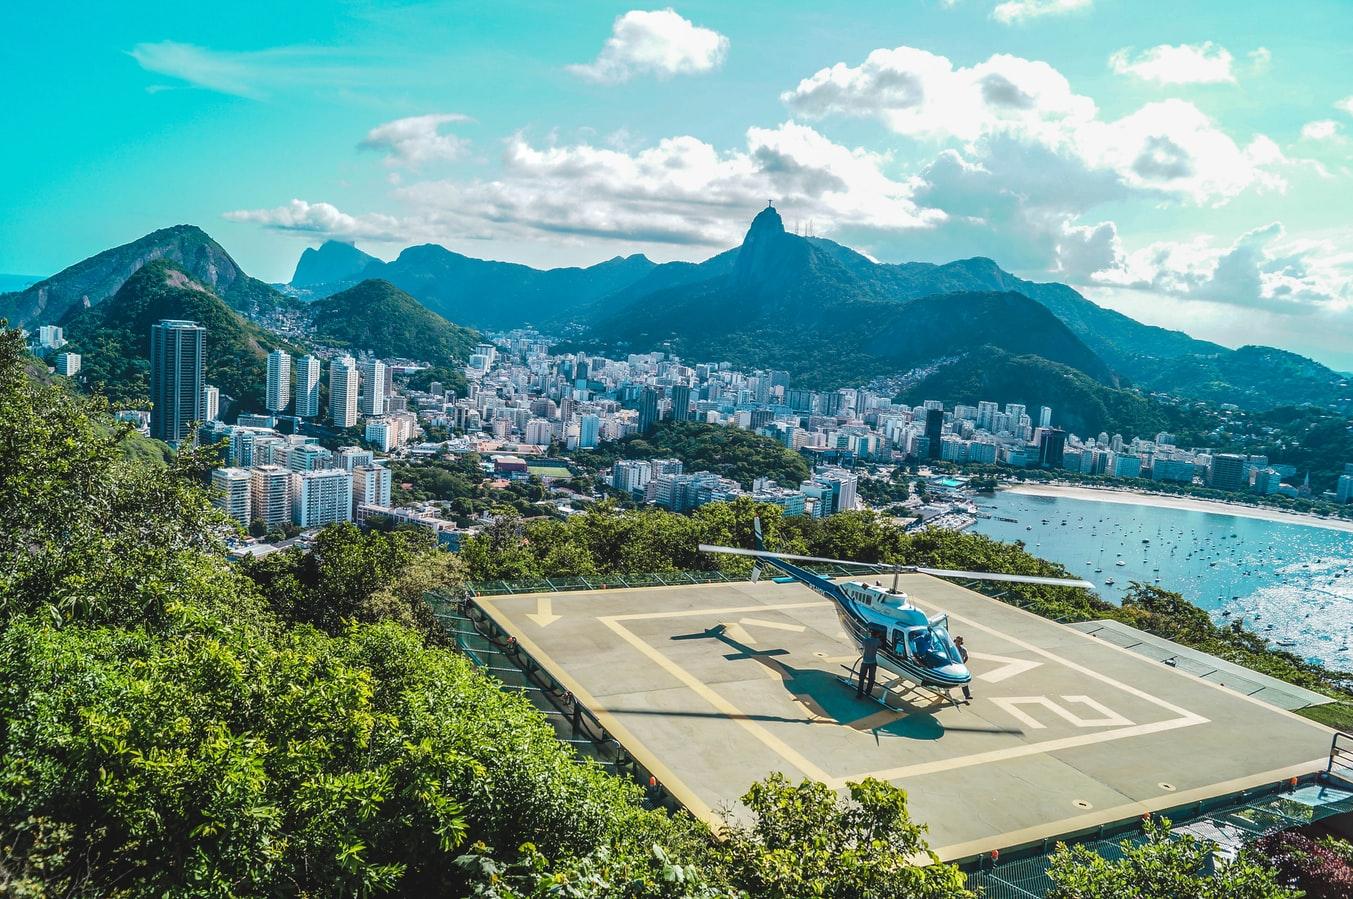 rio de janeiro, brazil air charter services